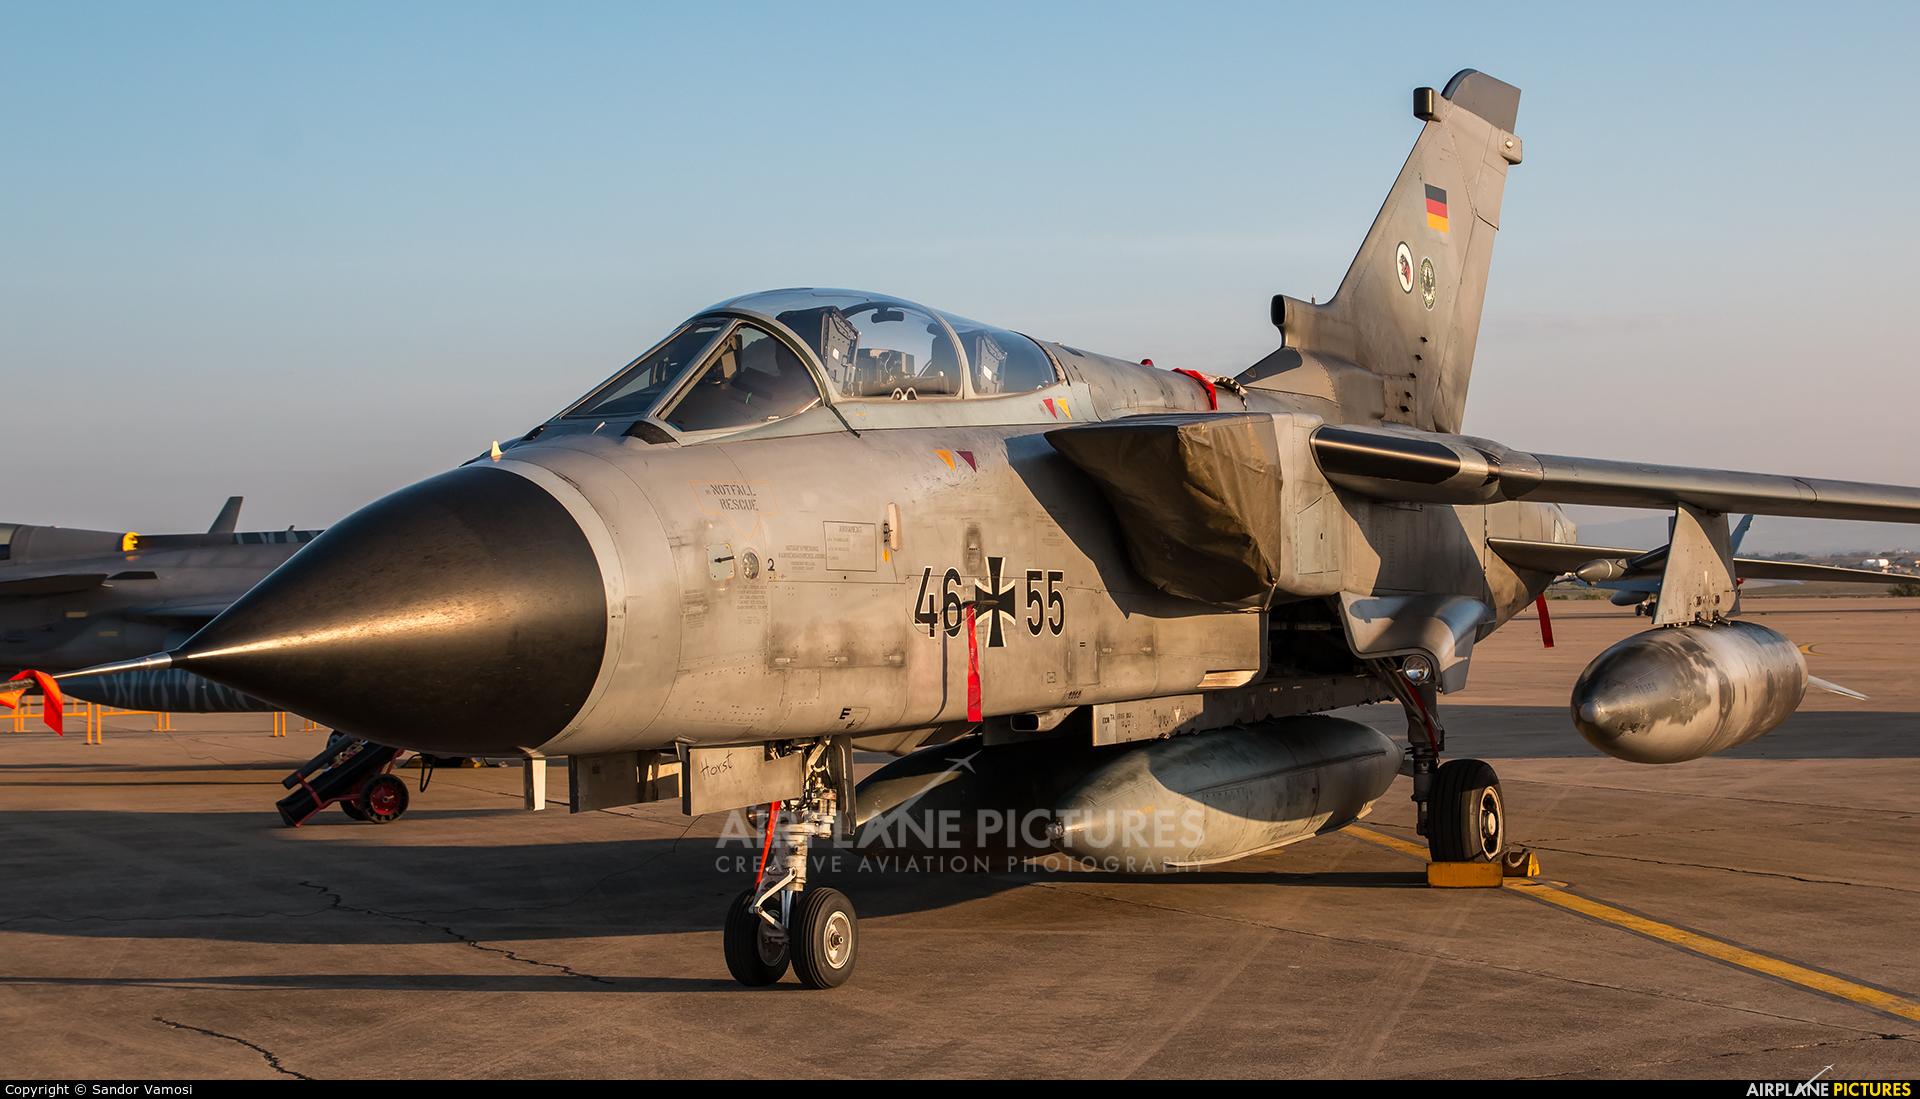 Germany - Air Force 46+55 aircraft at Zaragoza